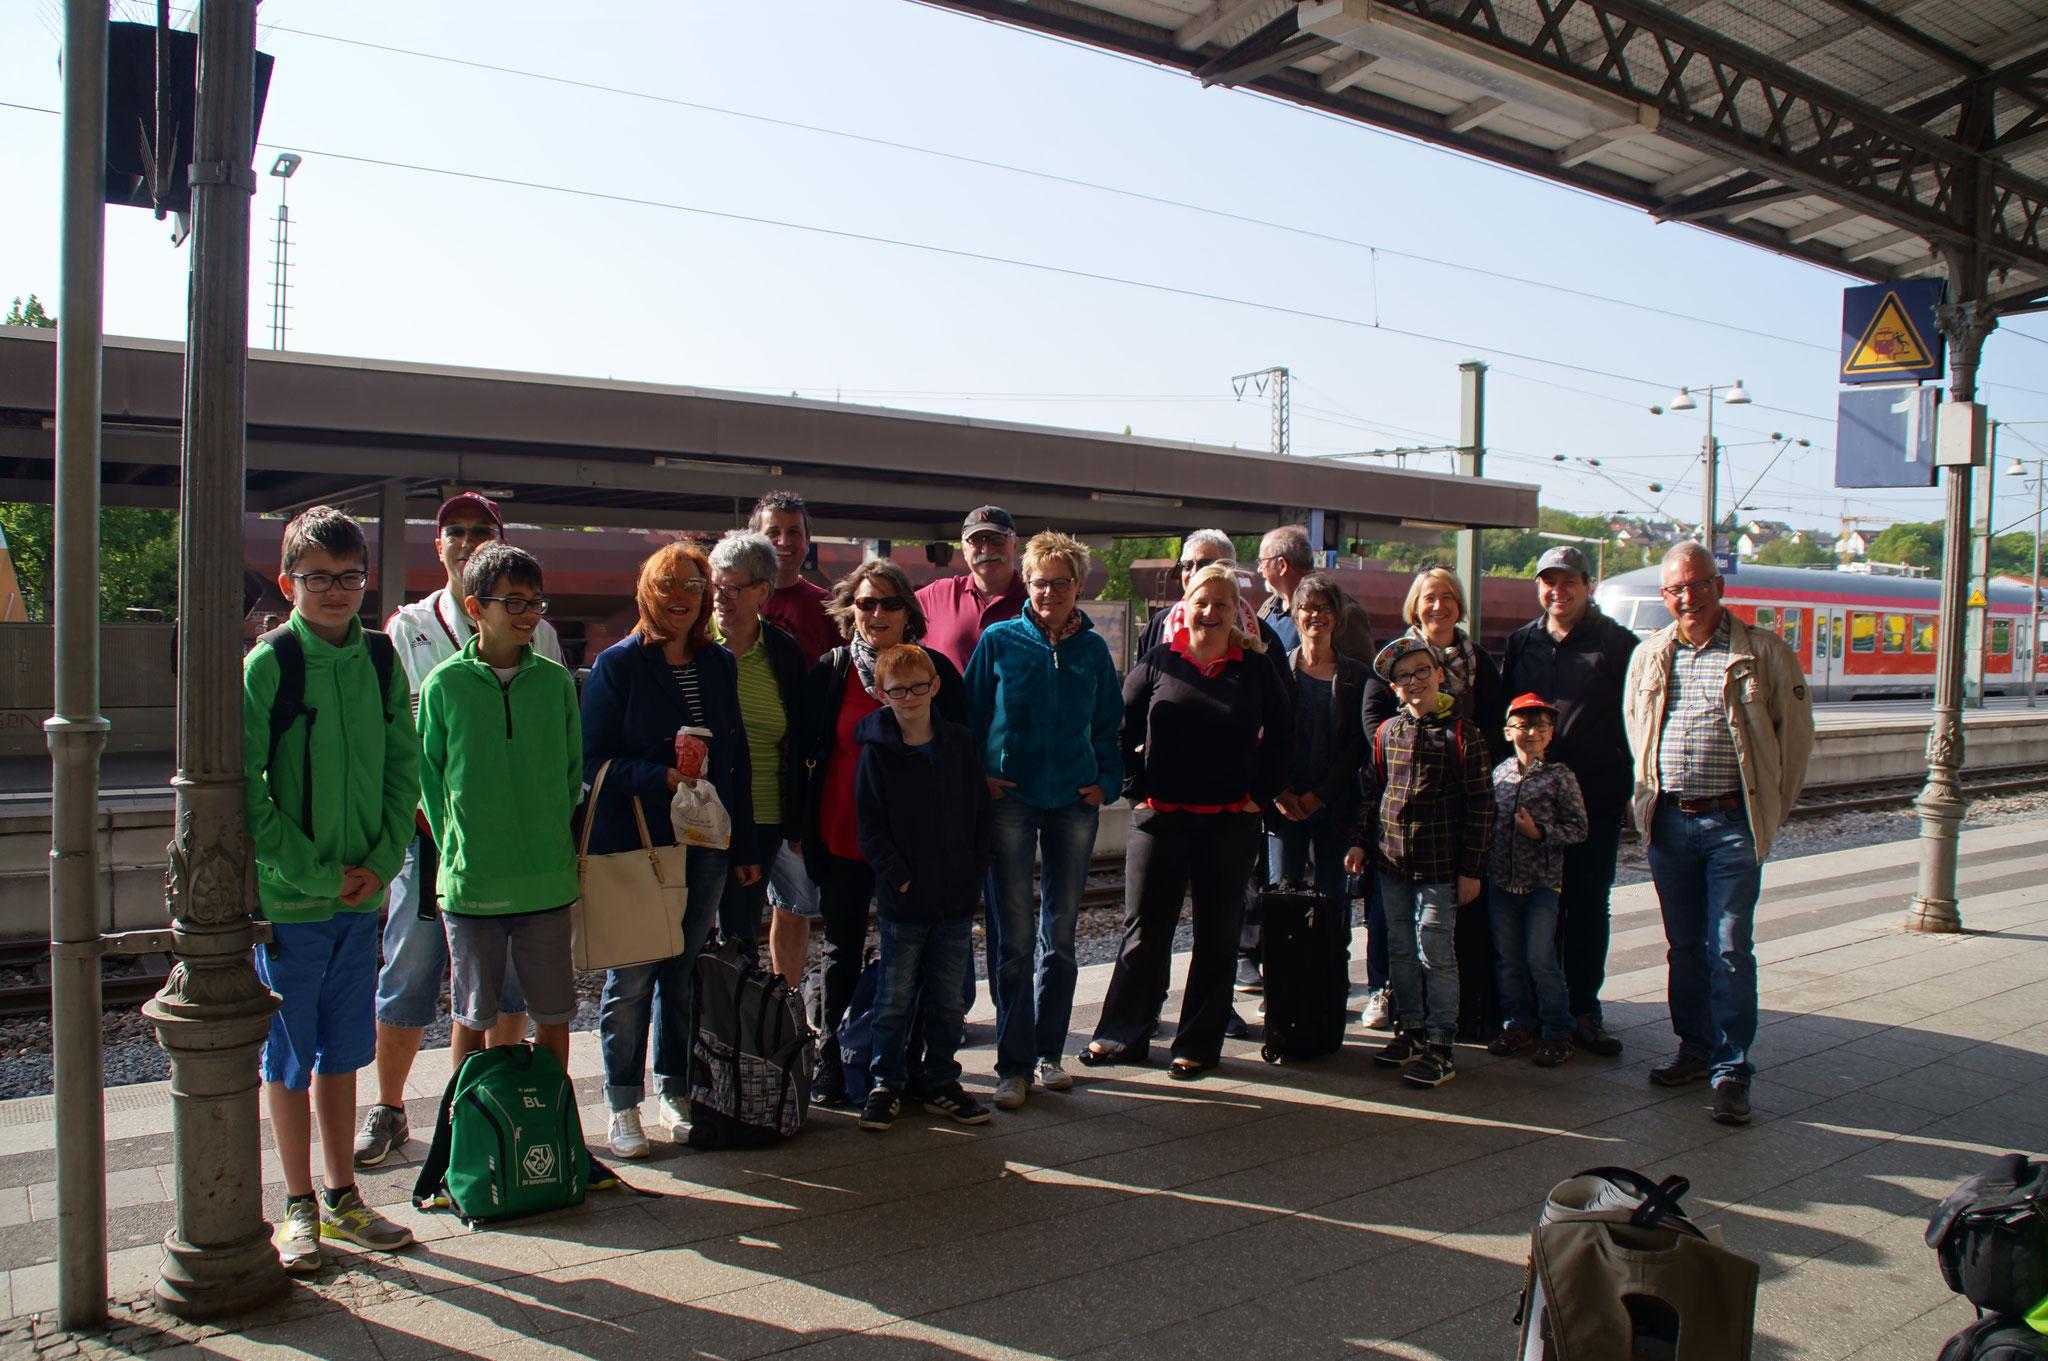 Familienausflug vom 05.-06.05.18 nach Sandhausen. Die Übernachtung war in Heidelberg.